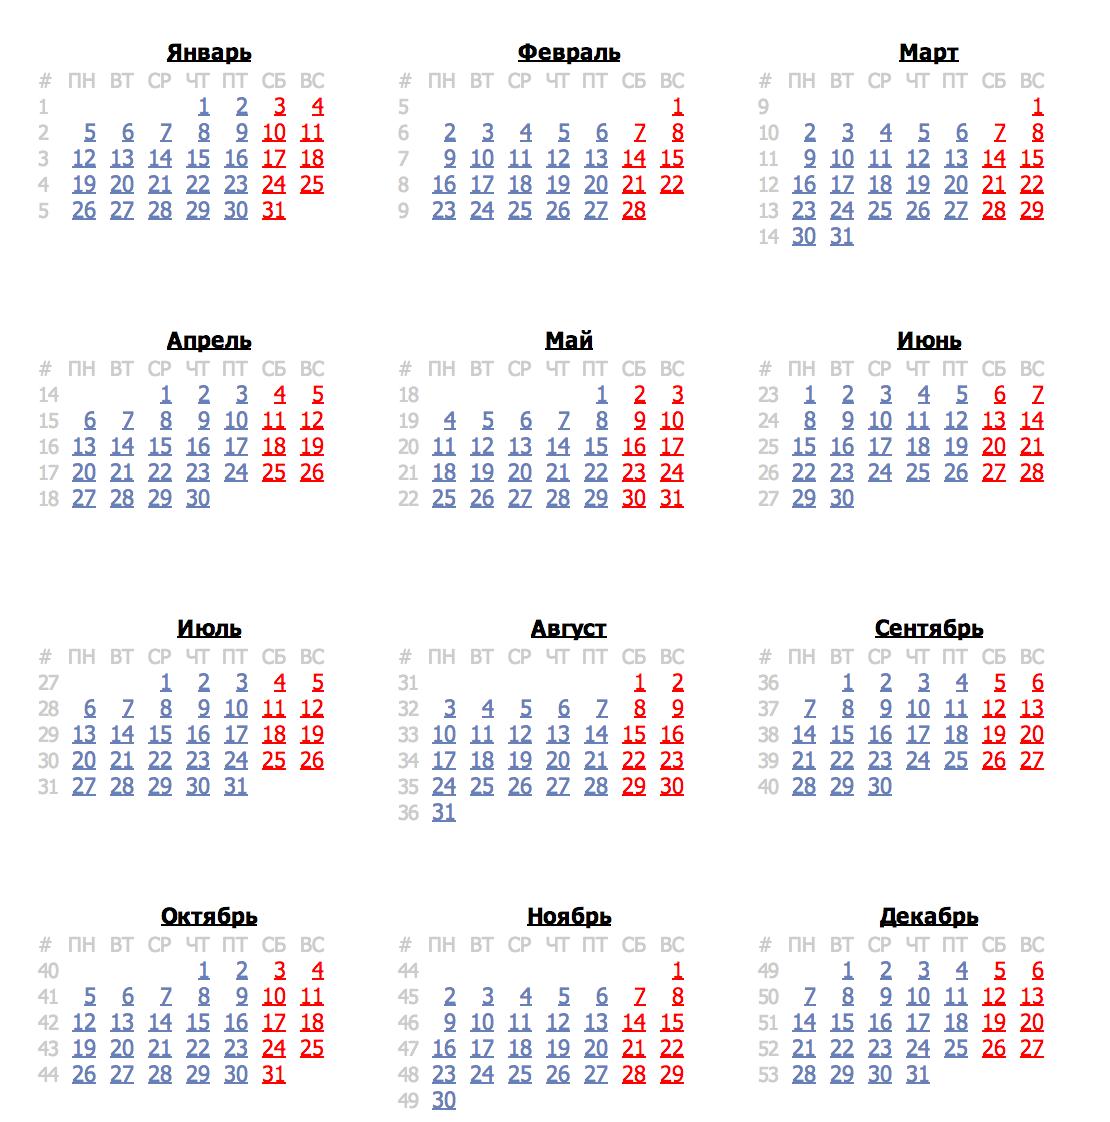 Производственный календарь на 2016 год скачать а4